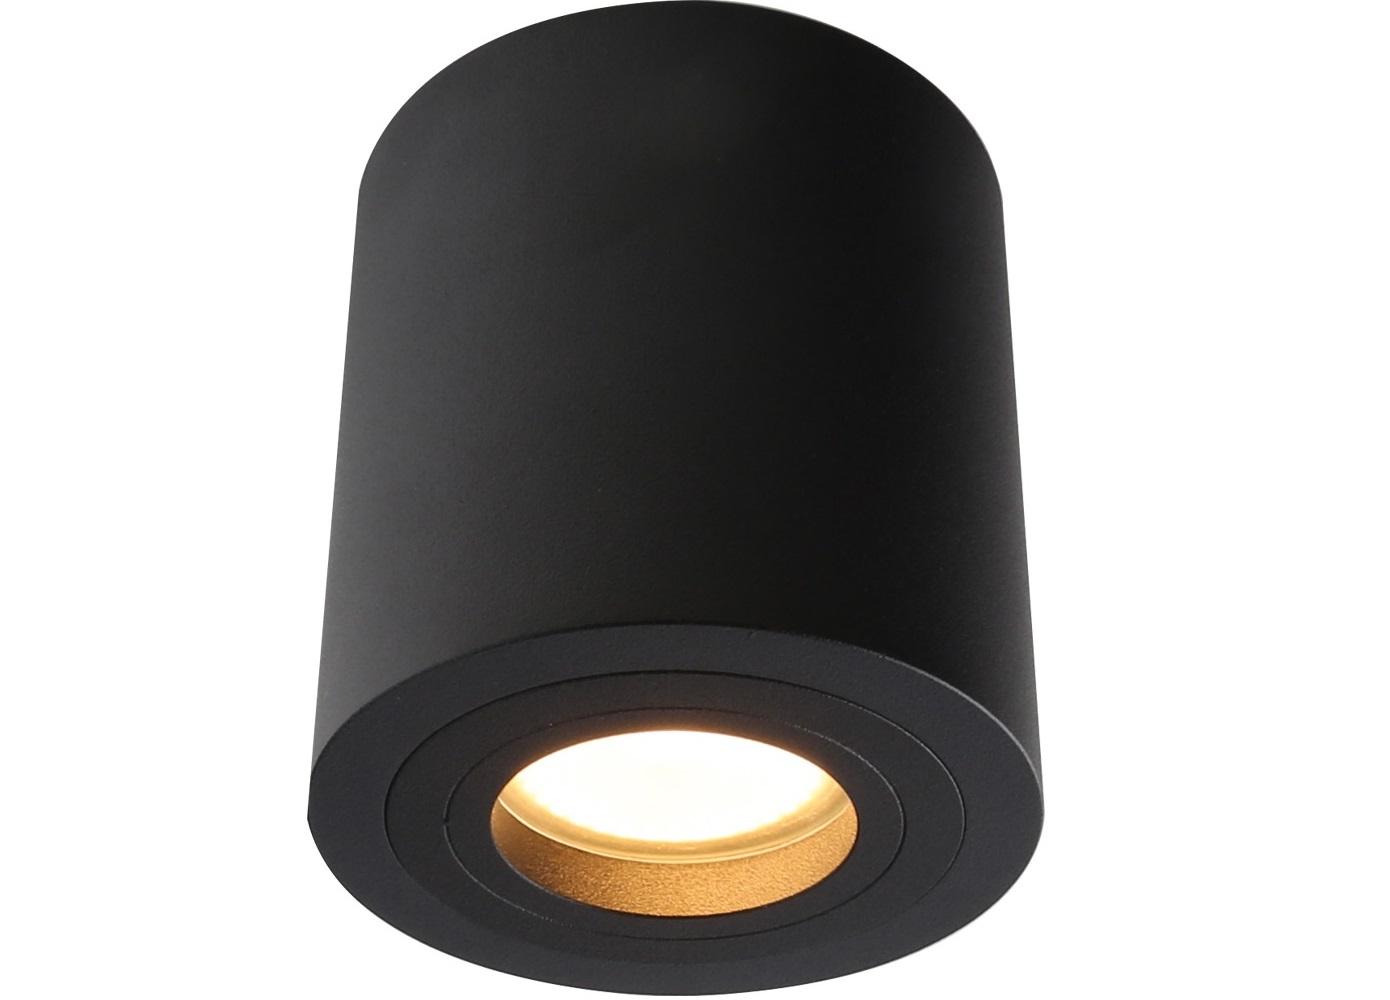 Потолочный поворотный светильникТочечный свет<br>&amp;lt;div&amp;gt;Вид цоколя: GU10&amp;lt;/div&amp;gt;&amp;lt;div&amp;gt;Мощность: 50W&amp;lt;/div&amp;gt;&amp;lt;div&amp;gt;Количество ламп: 1&amp;lt;/div&amp;gt;<br><br>Material: Алюминий<br>Height см: 9,5<br>Diameter см: 9